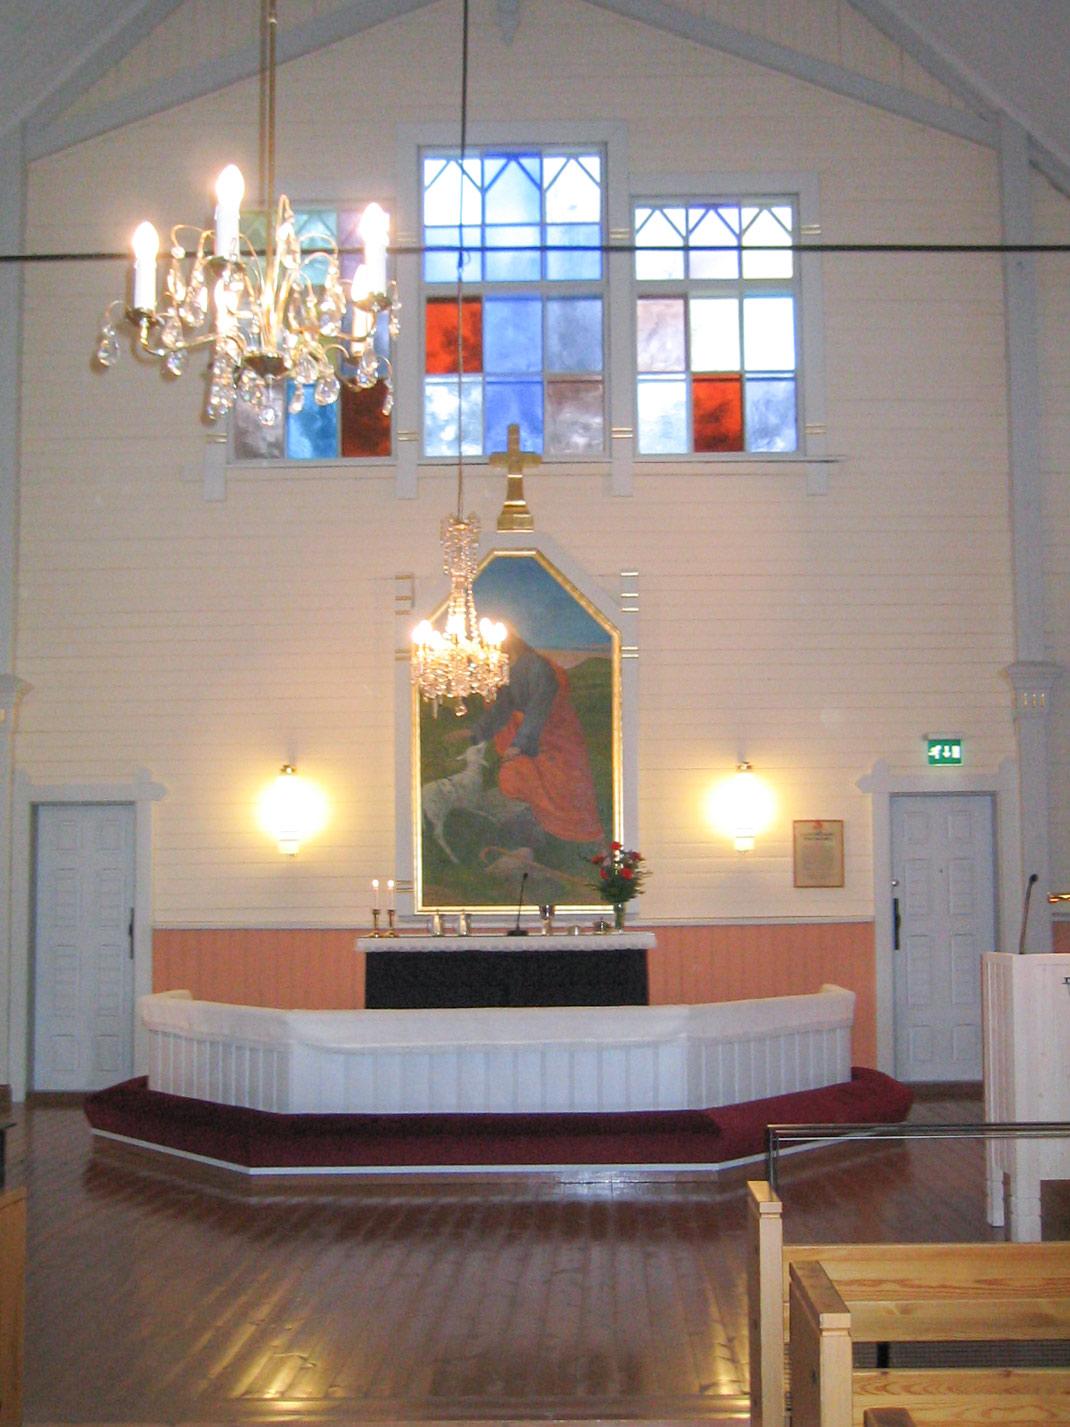 Pyhännän kirkon sisäovet - Sutela